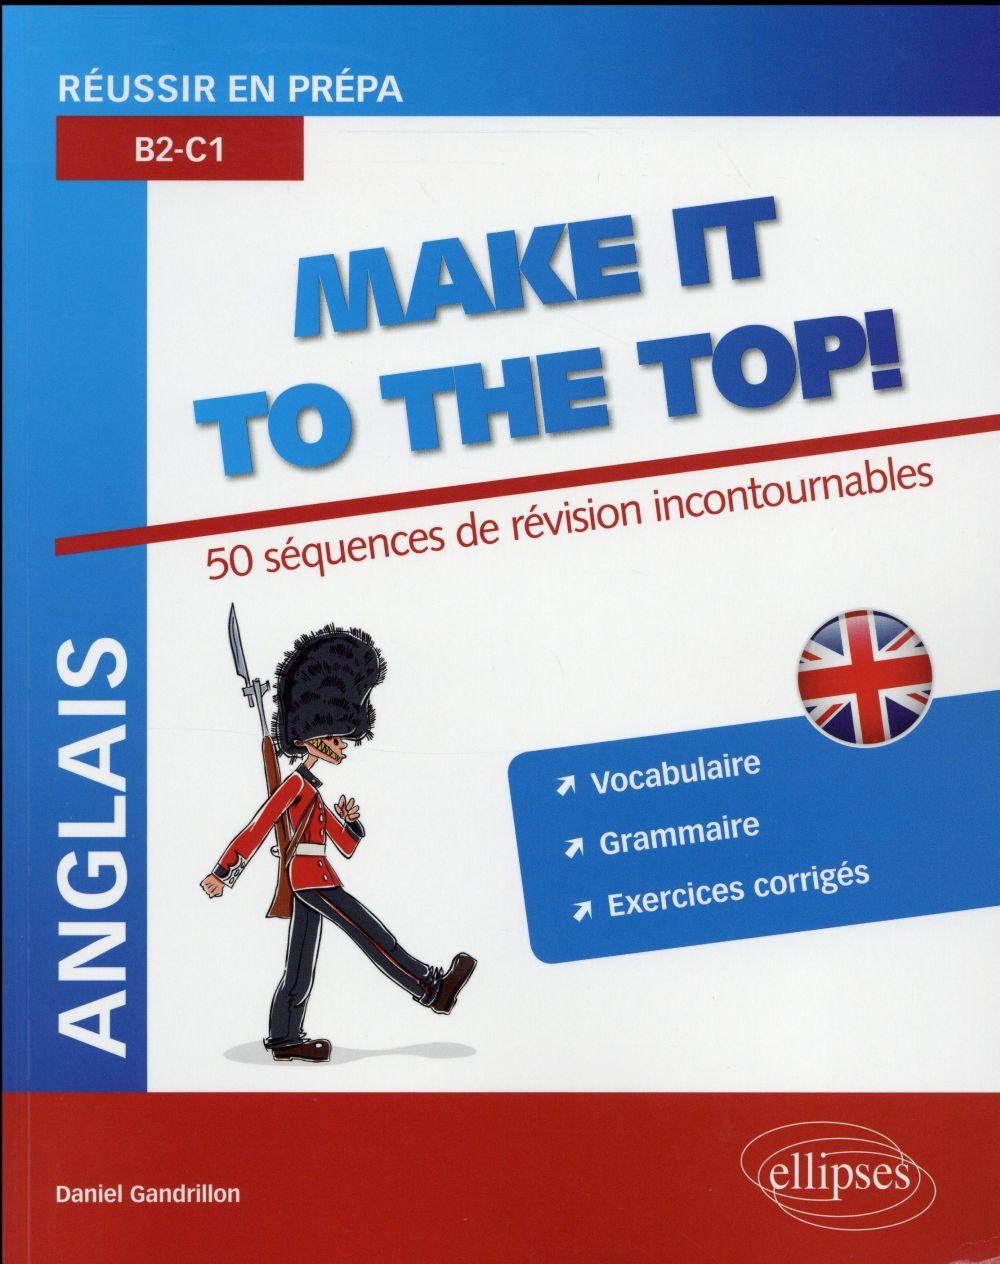 Gandrillon Daniel - ANGLAIS. REUSSIR EN PREPA. MAKE IT TO THE TOP! 50 SEQUENCES DE REVISION INCONTOURNABLES. VOCABULAIRE